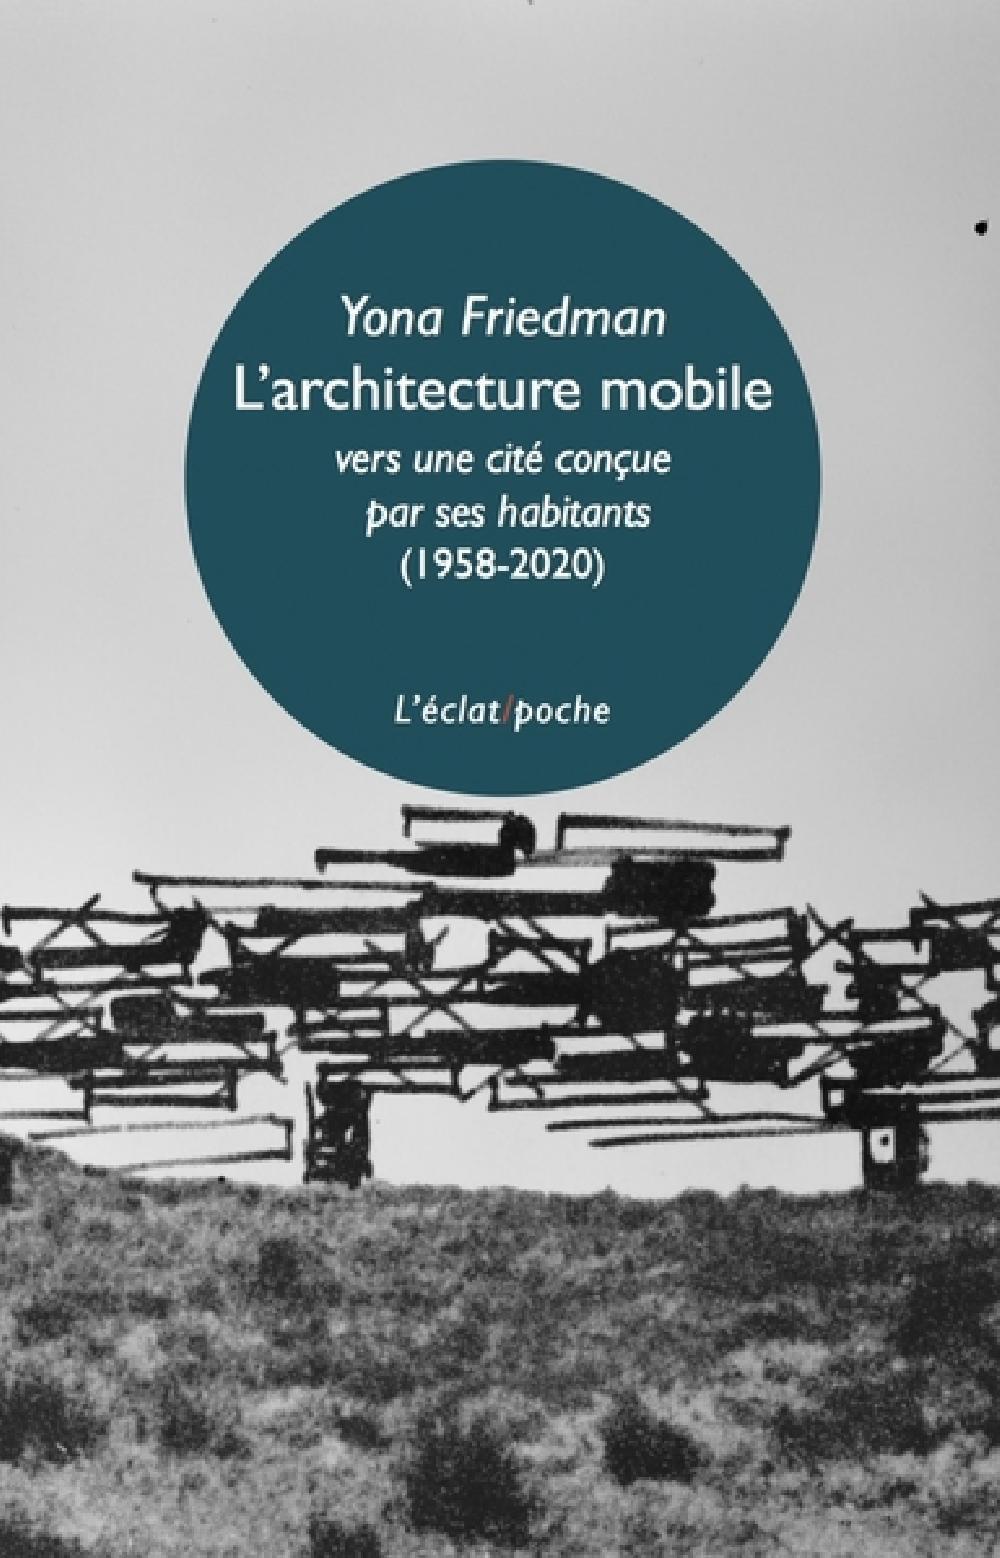 L'architecture mobile (1958-2020) - Vers une cité conçue par ses habitants eux-mêmes (1958-2020)